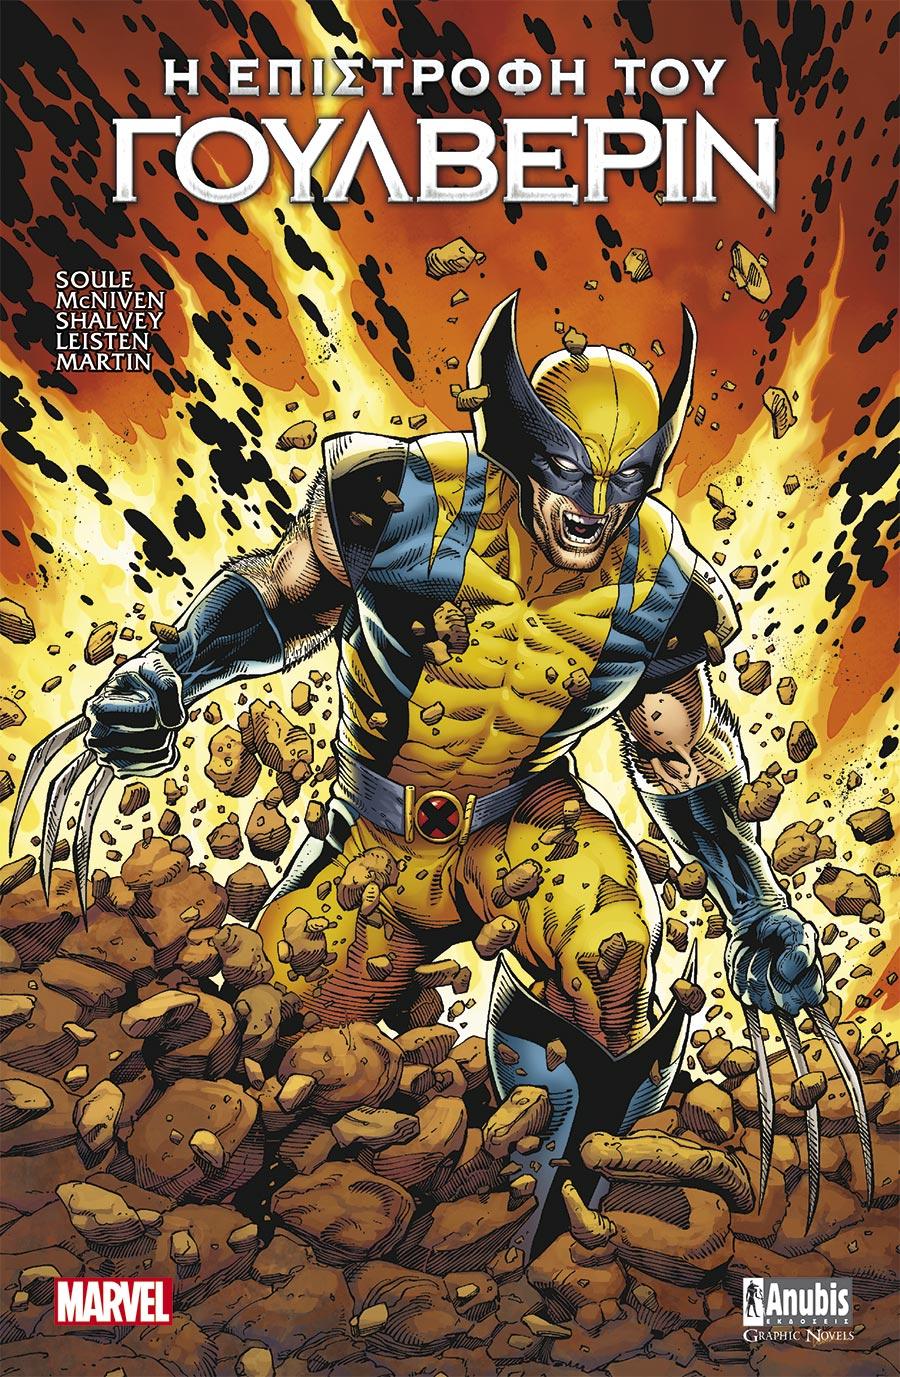 H-Epistrofi-tou-Wolverine.jpg